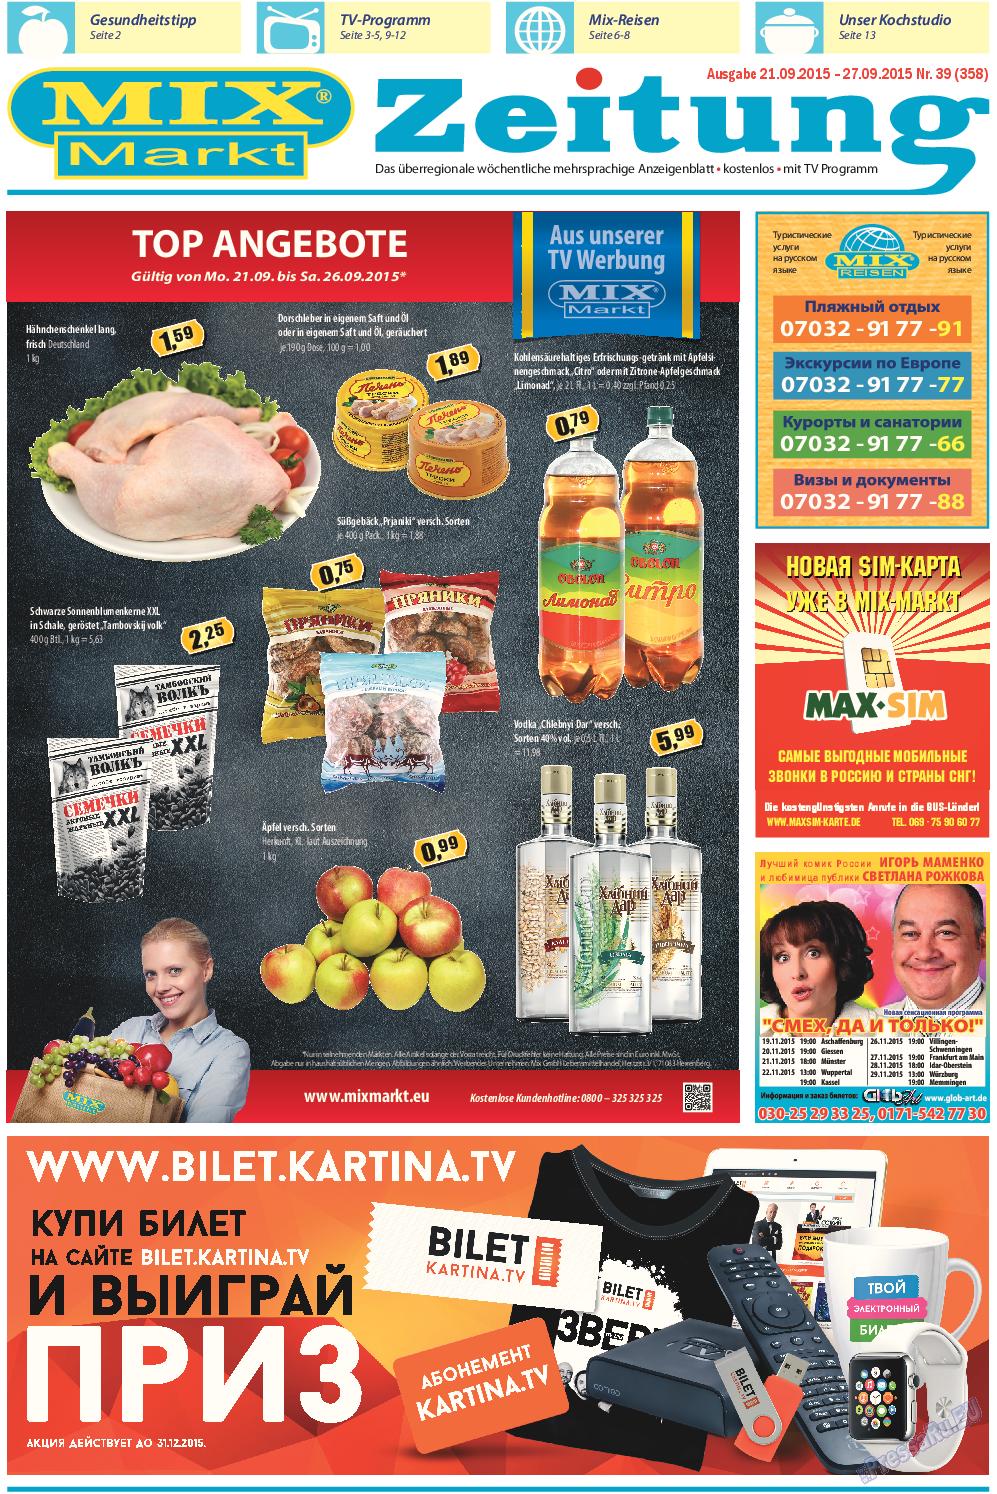 MIX-Markt Zeitung (газета). 2015 год, номер 39, стр. 1